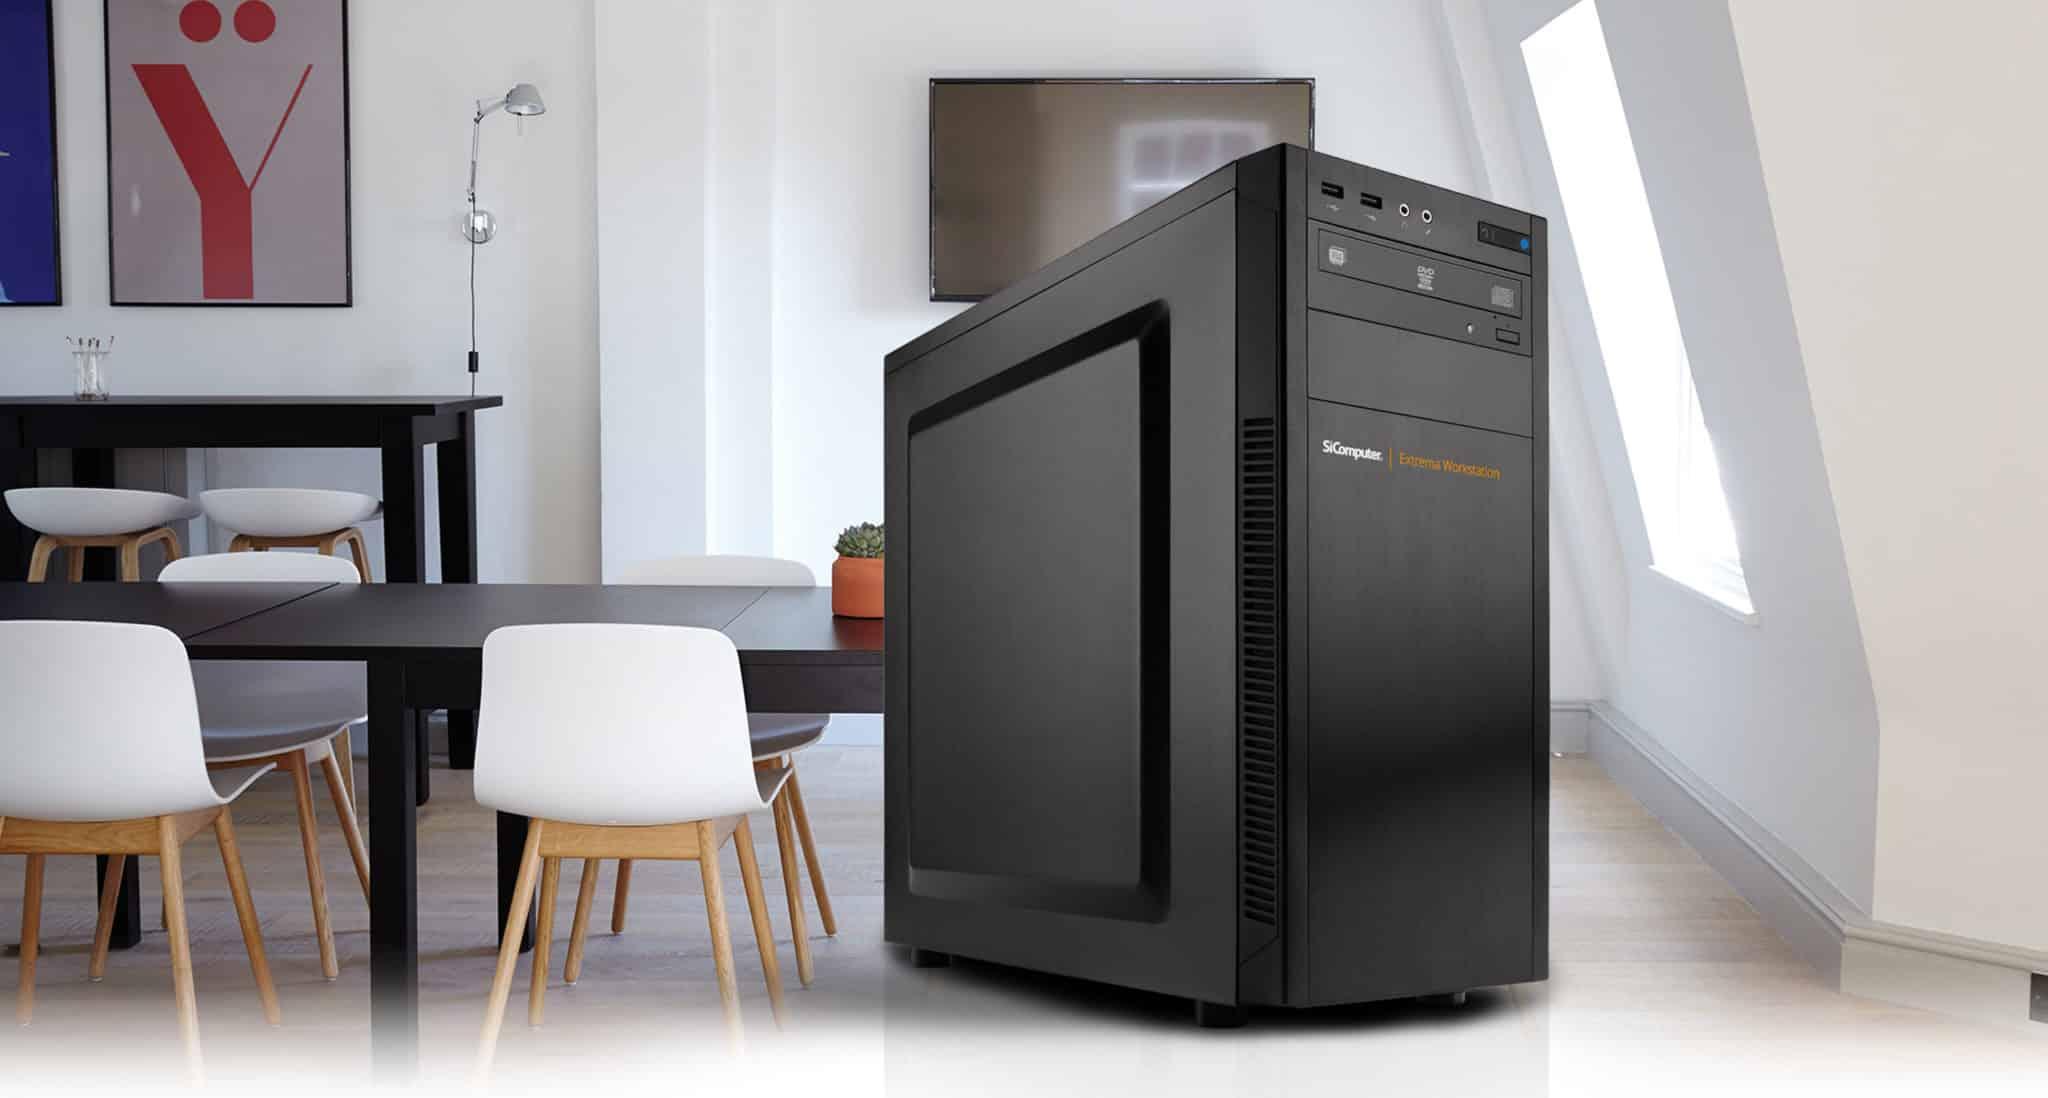 Extrema Workstation W500